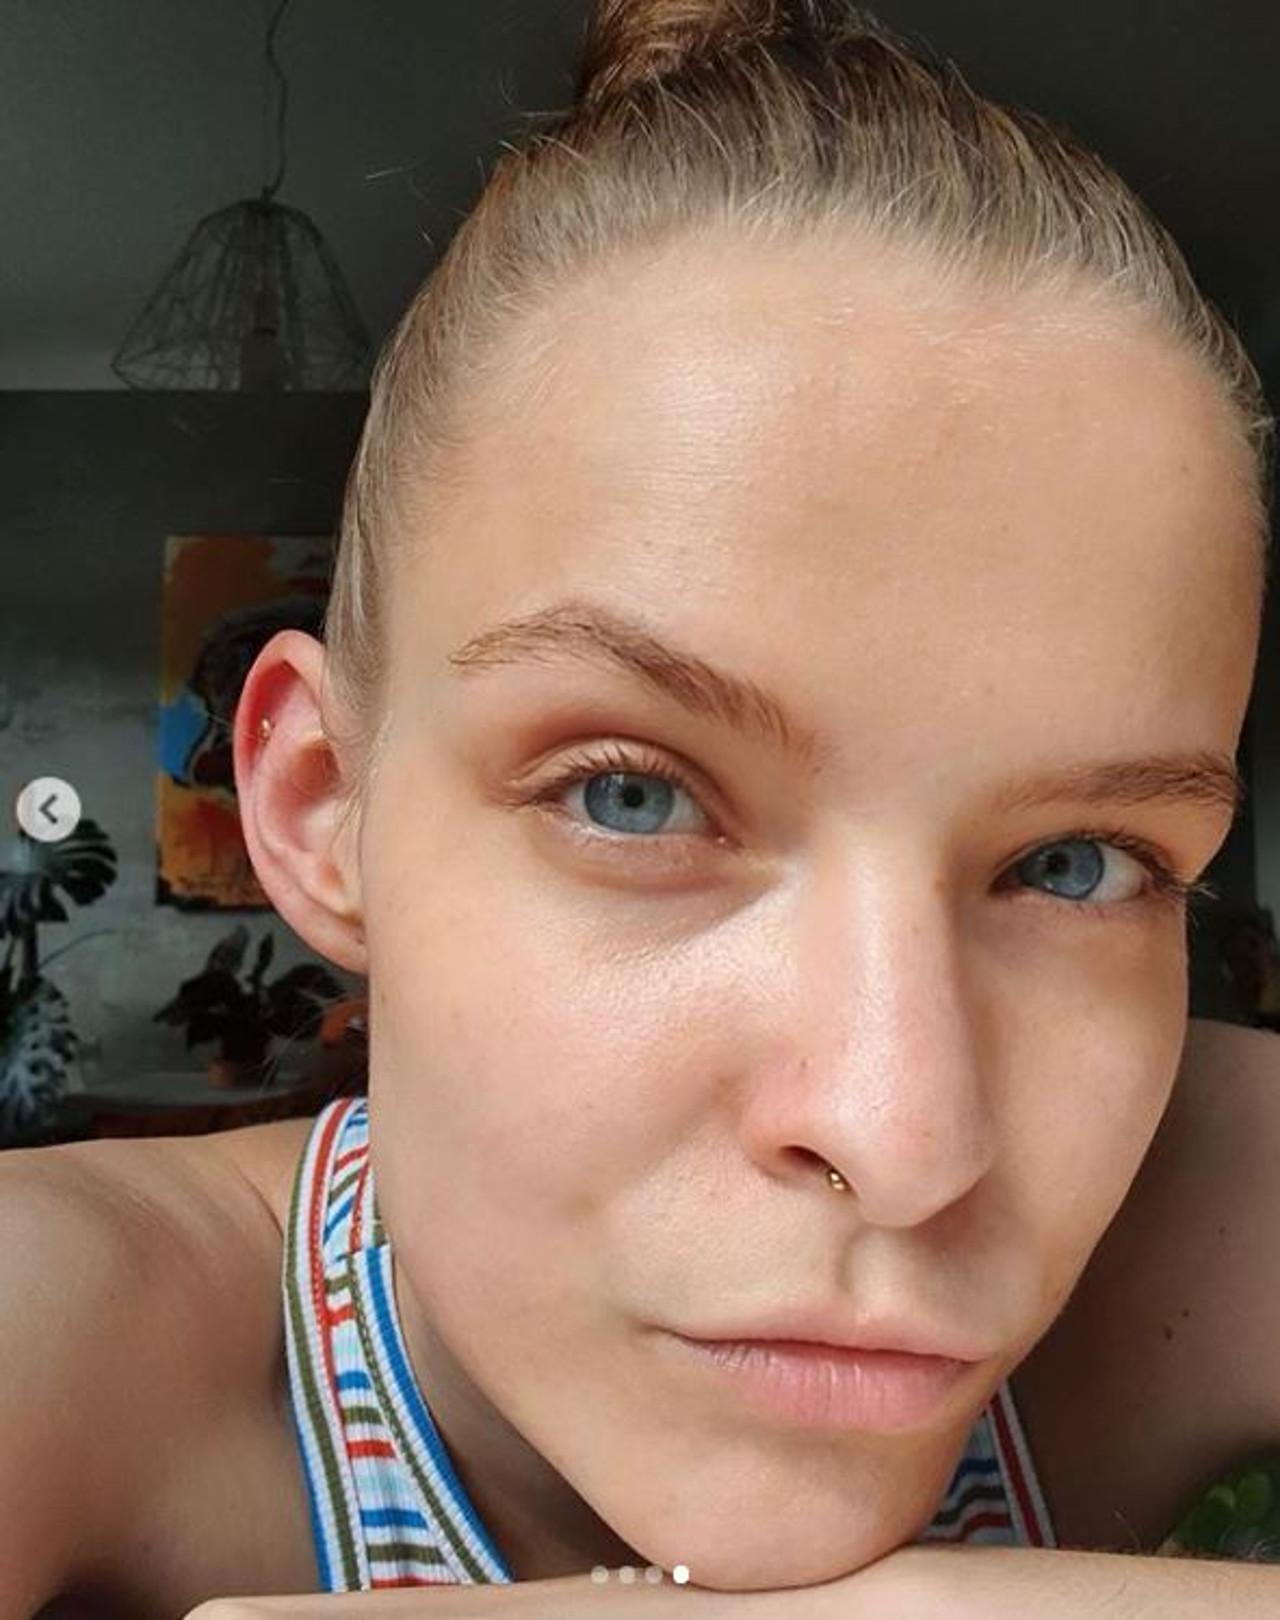 Zuza Kołodziejczyk pokazała, w jakiej kondycji jest jej skóra.